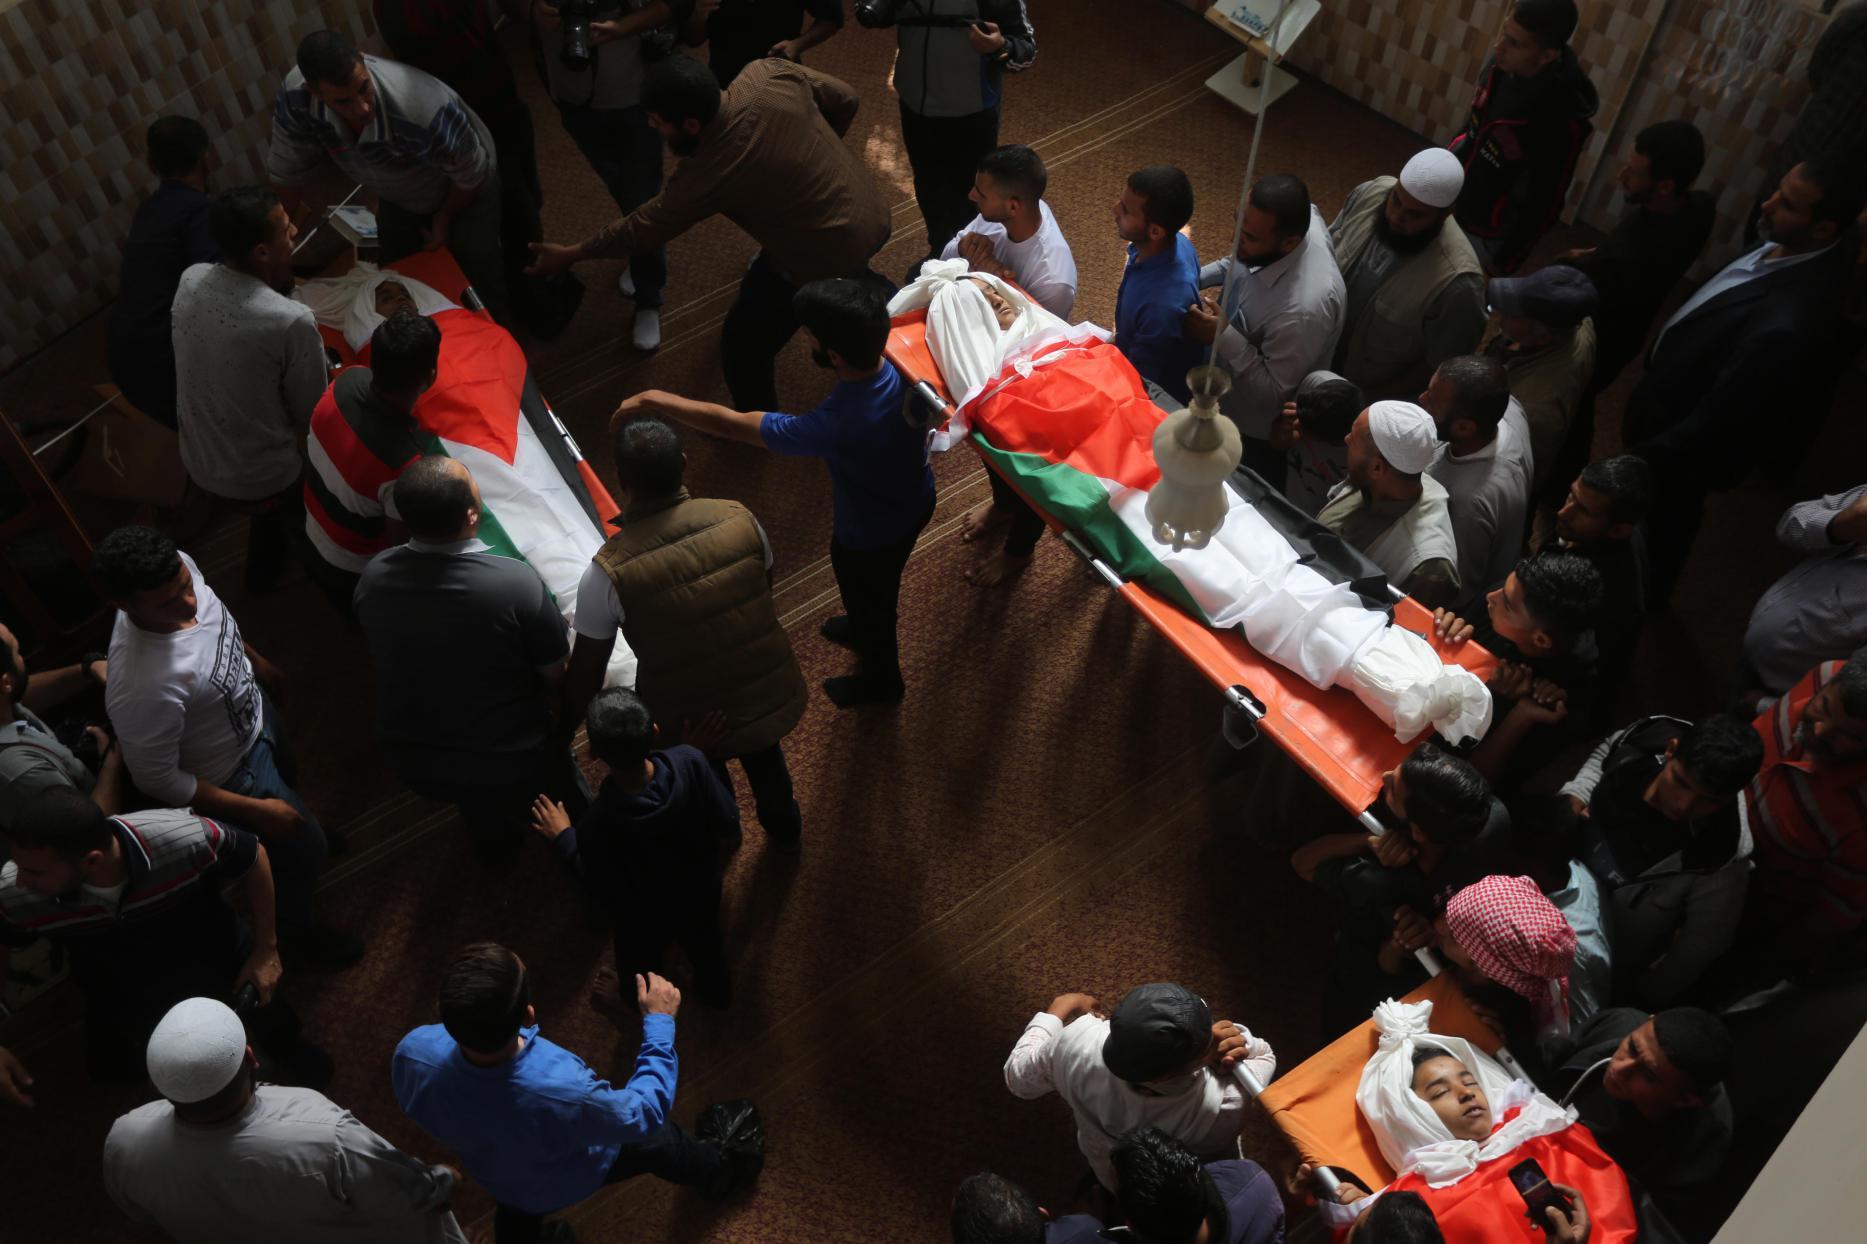 """DCIP: """"Non c'è giustizia per 50 minori palestinesi uccisi nel 2018"""""""